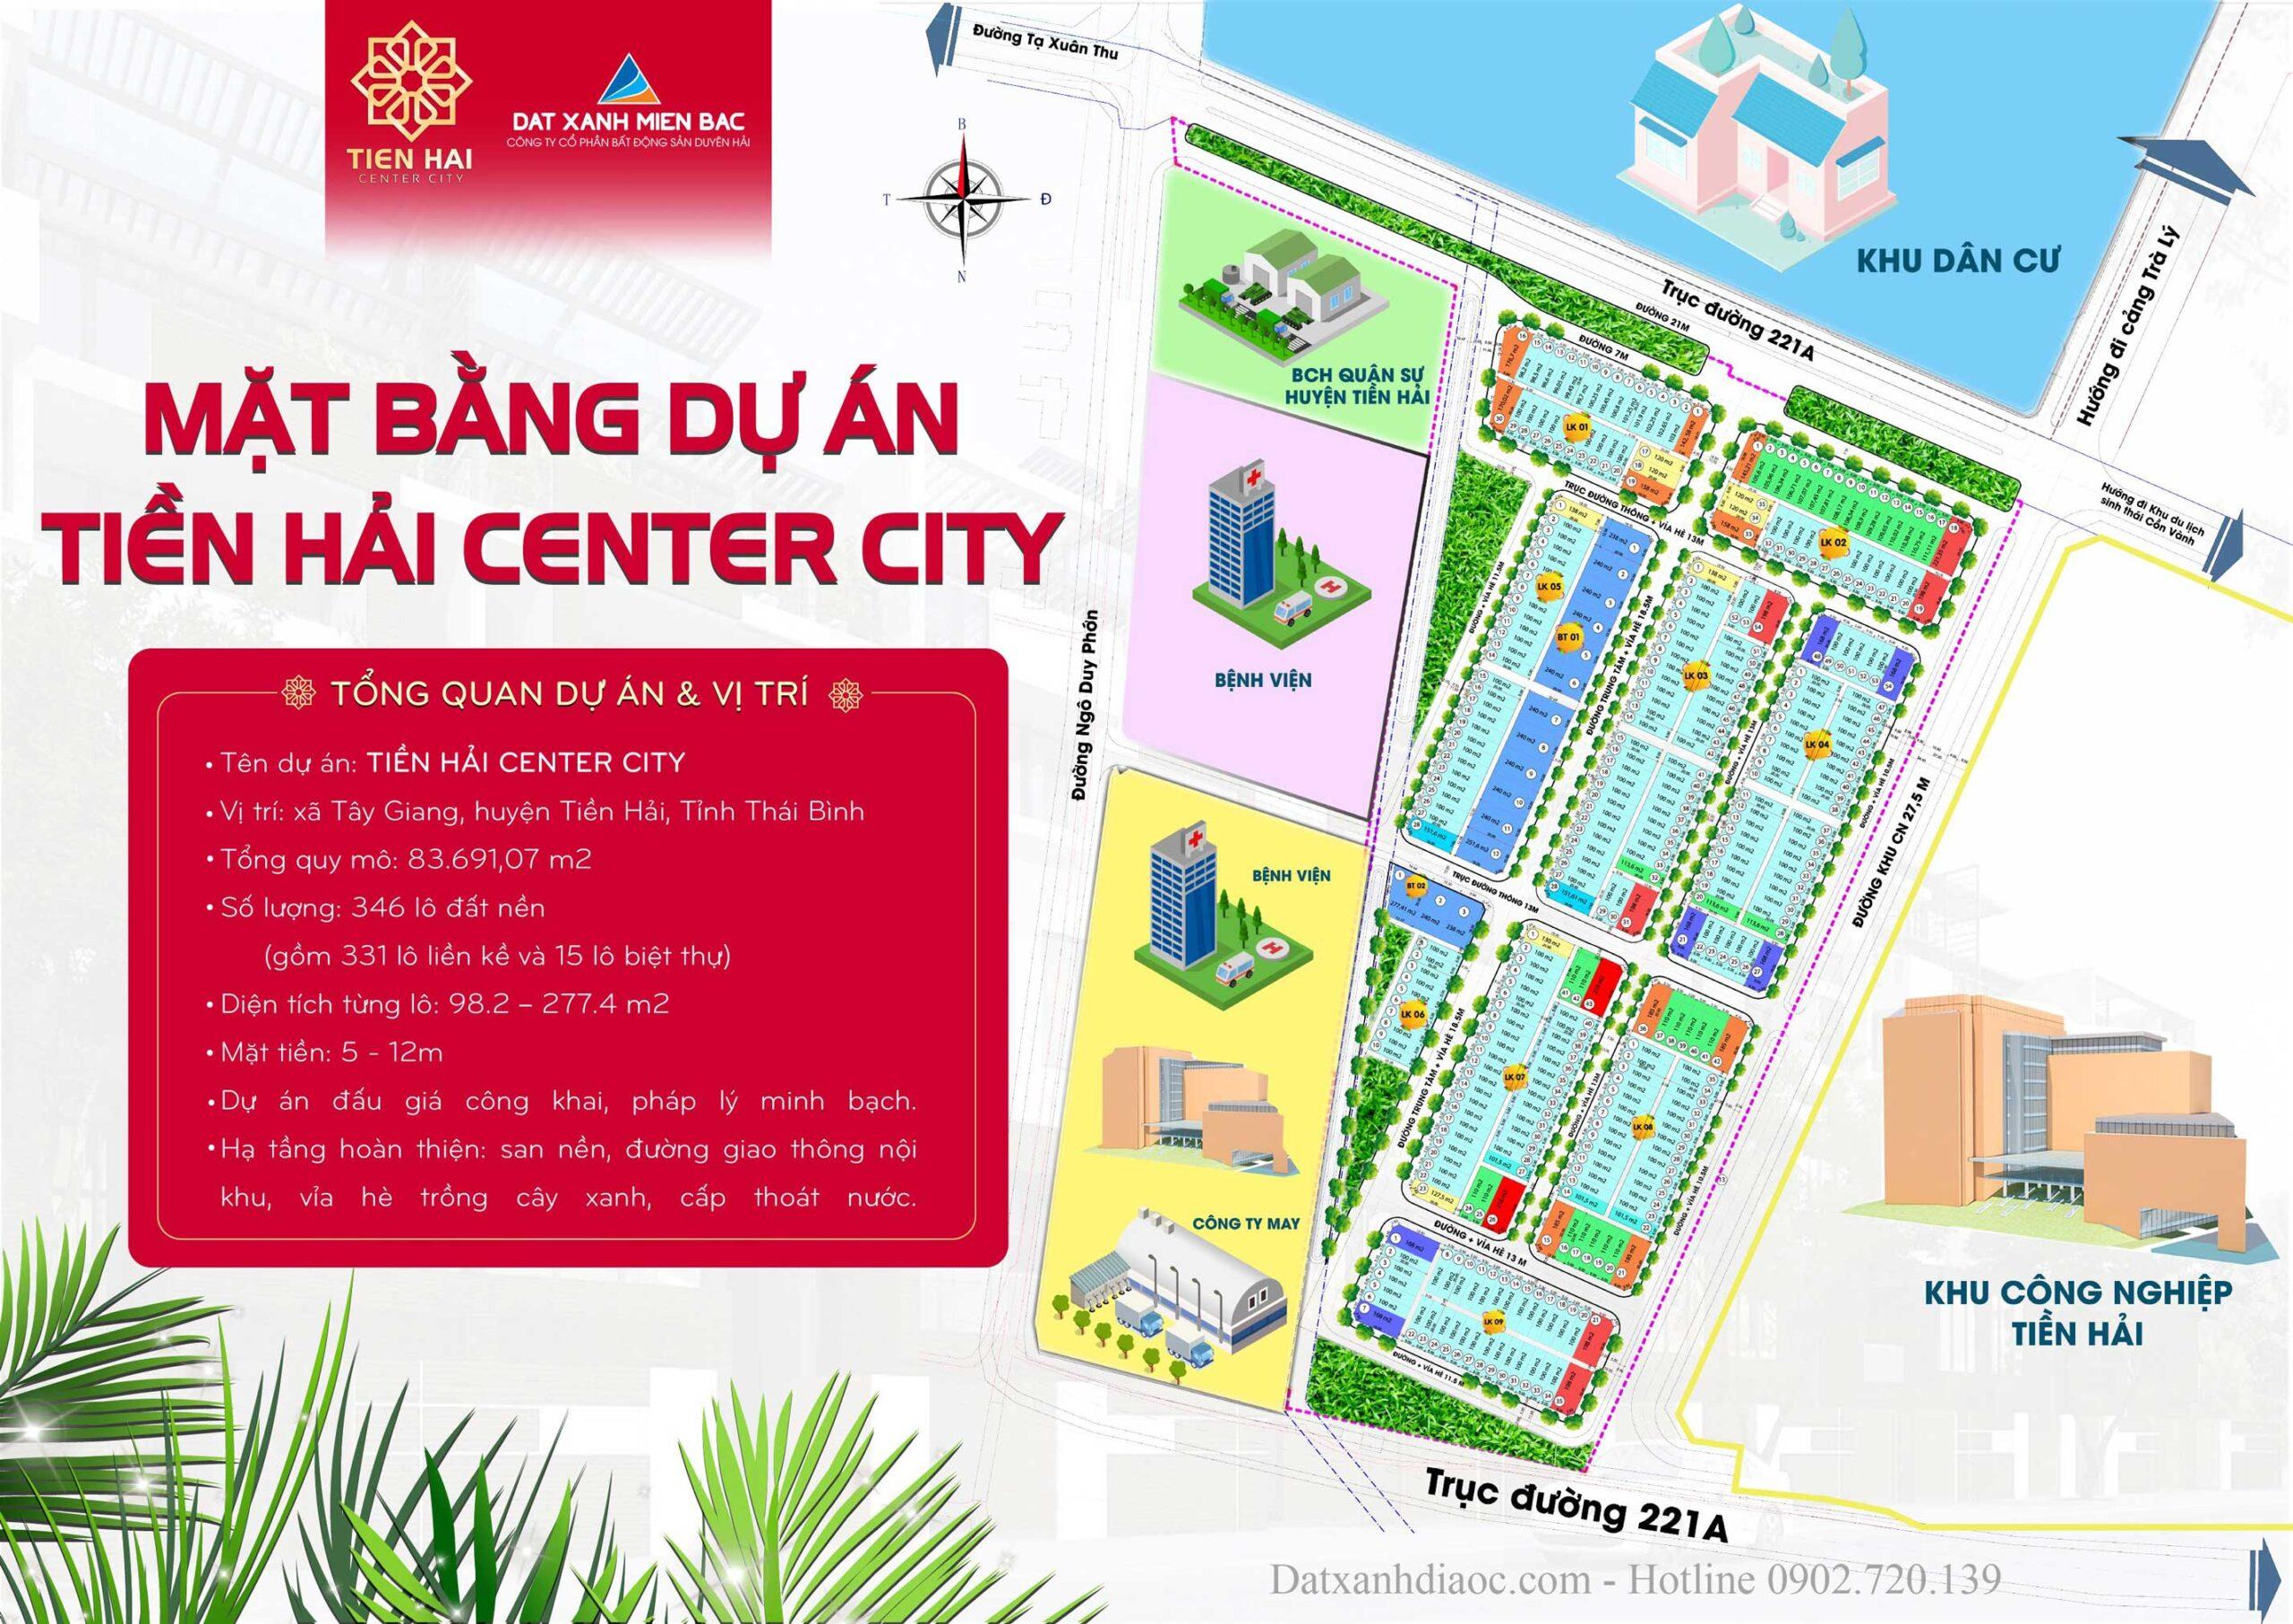 Mặt bằng tổng thể dự án Tiền Hải Center City Thái Bình